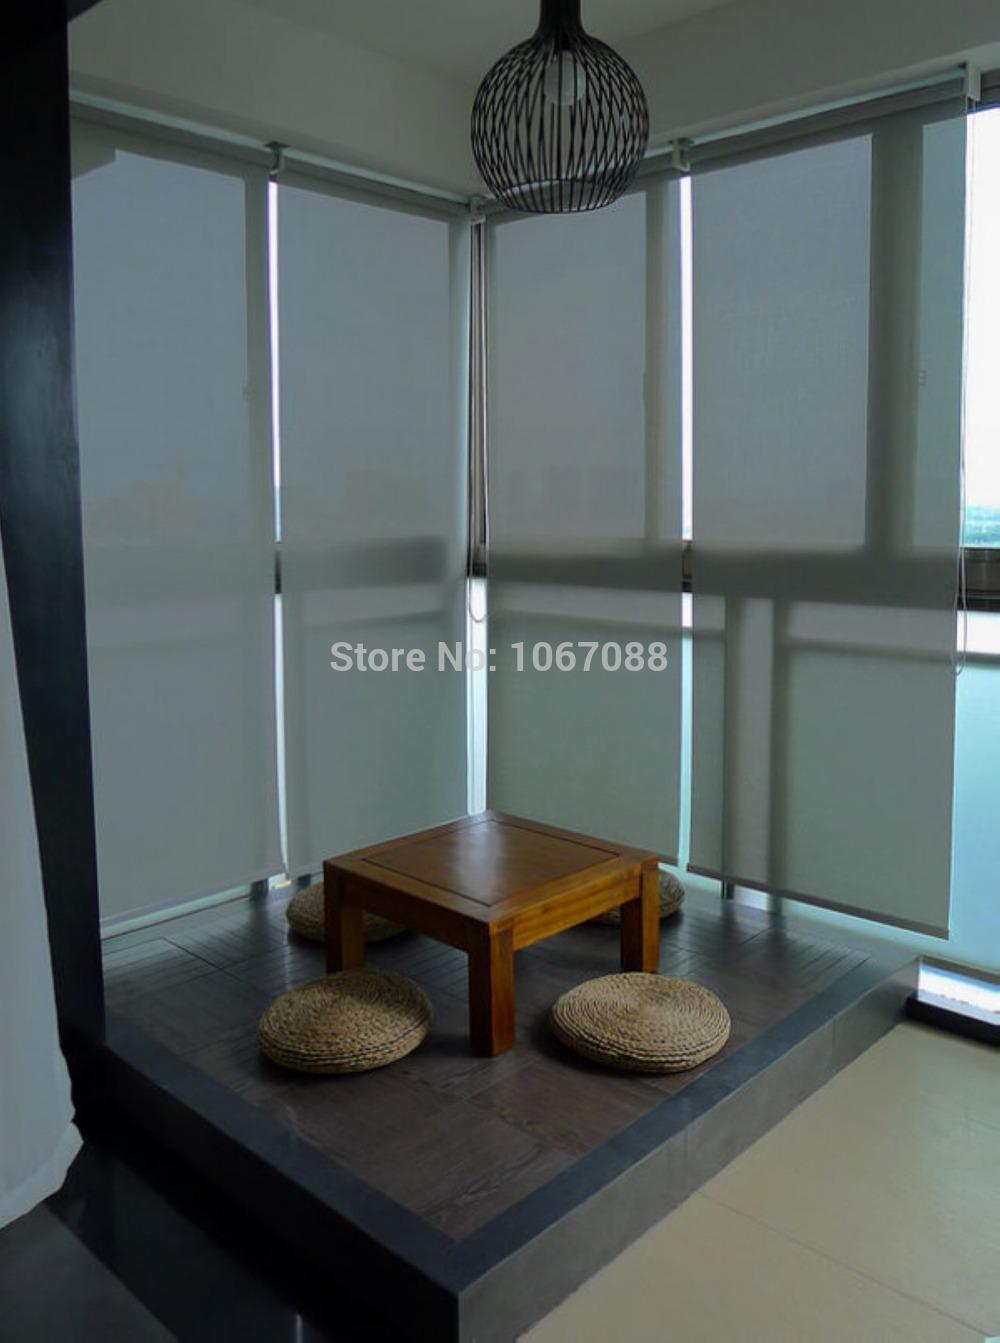 blinds black promotion achetez des blinds black promotionnels sur alibaba group. Black Bedroom Furniture Sets. Home Design Ideas